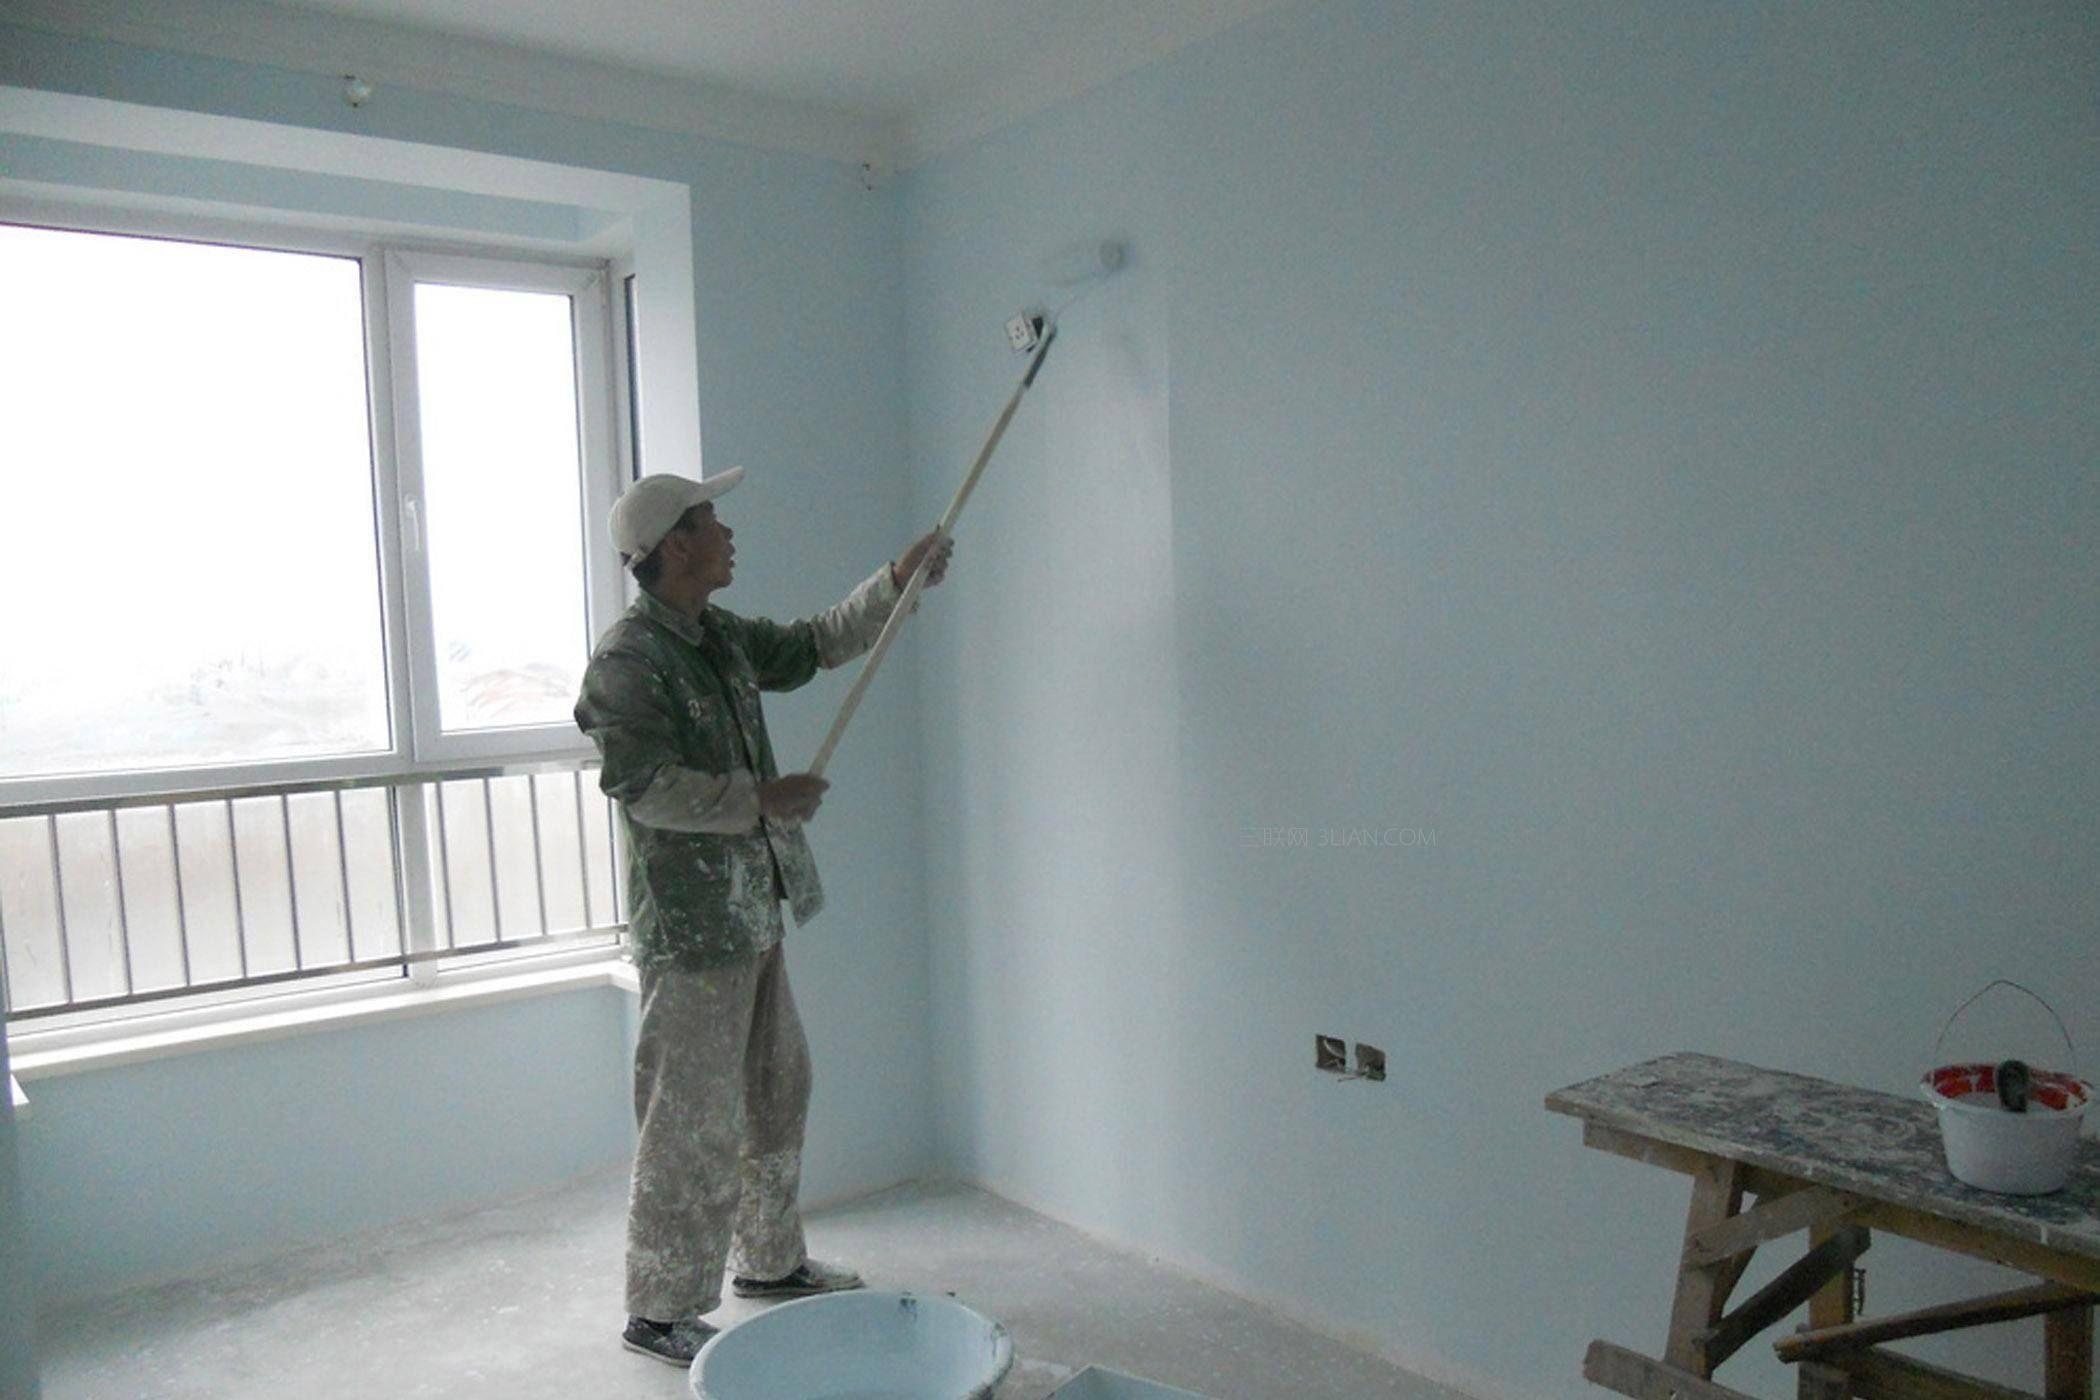 旧房翻新墙面怎么刷漆 墙面翻新施工步骤